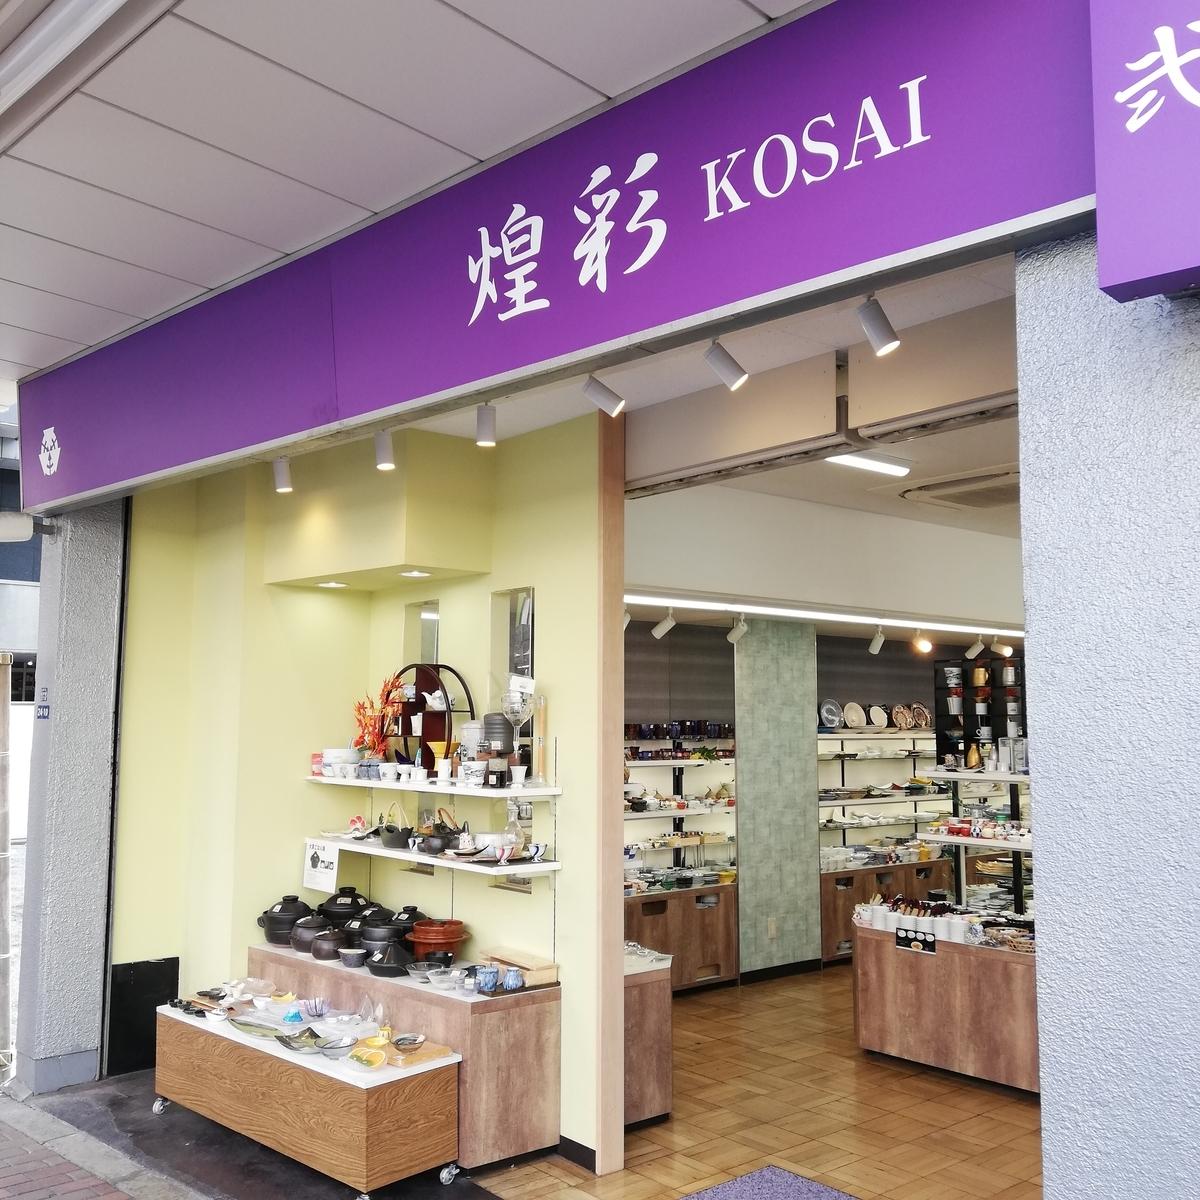 和食器の陳列のお店